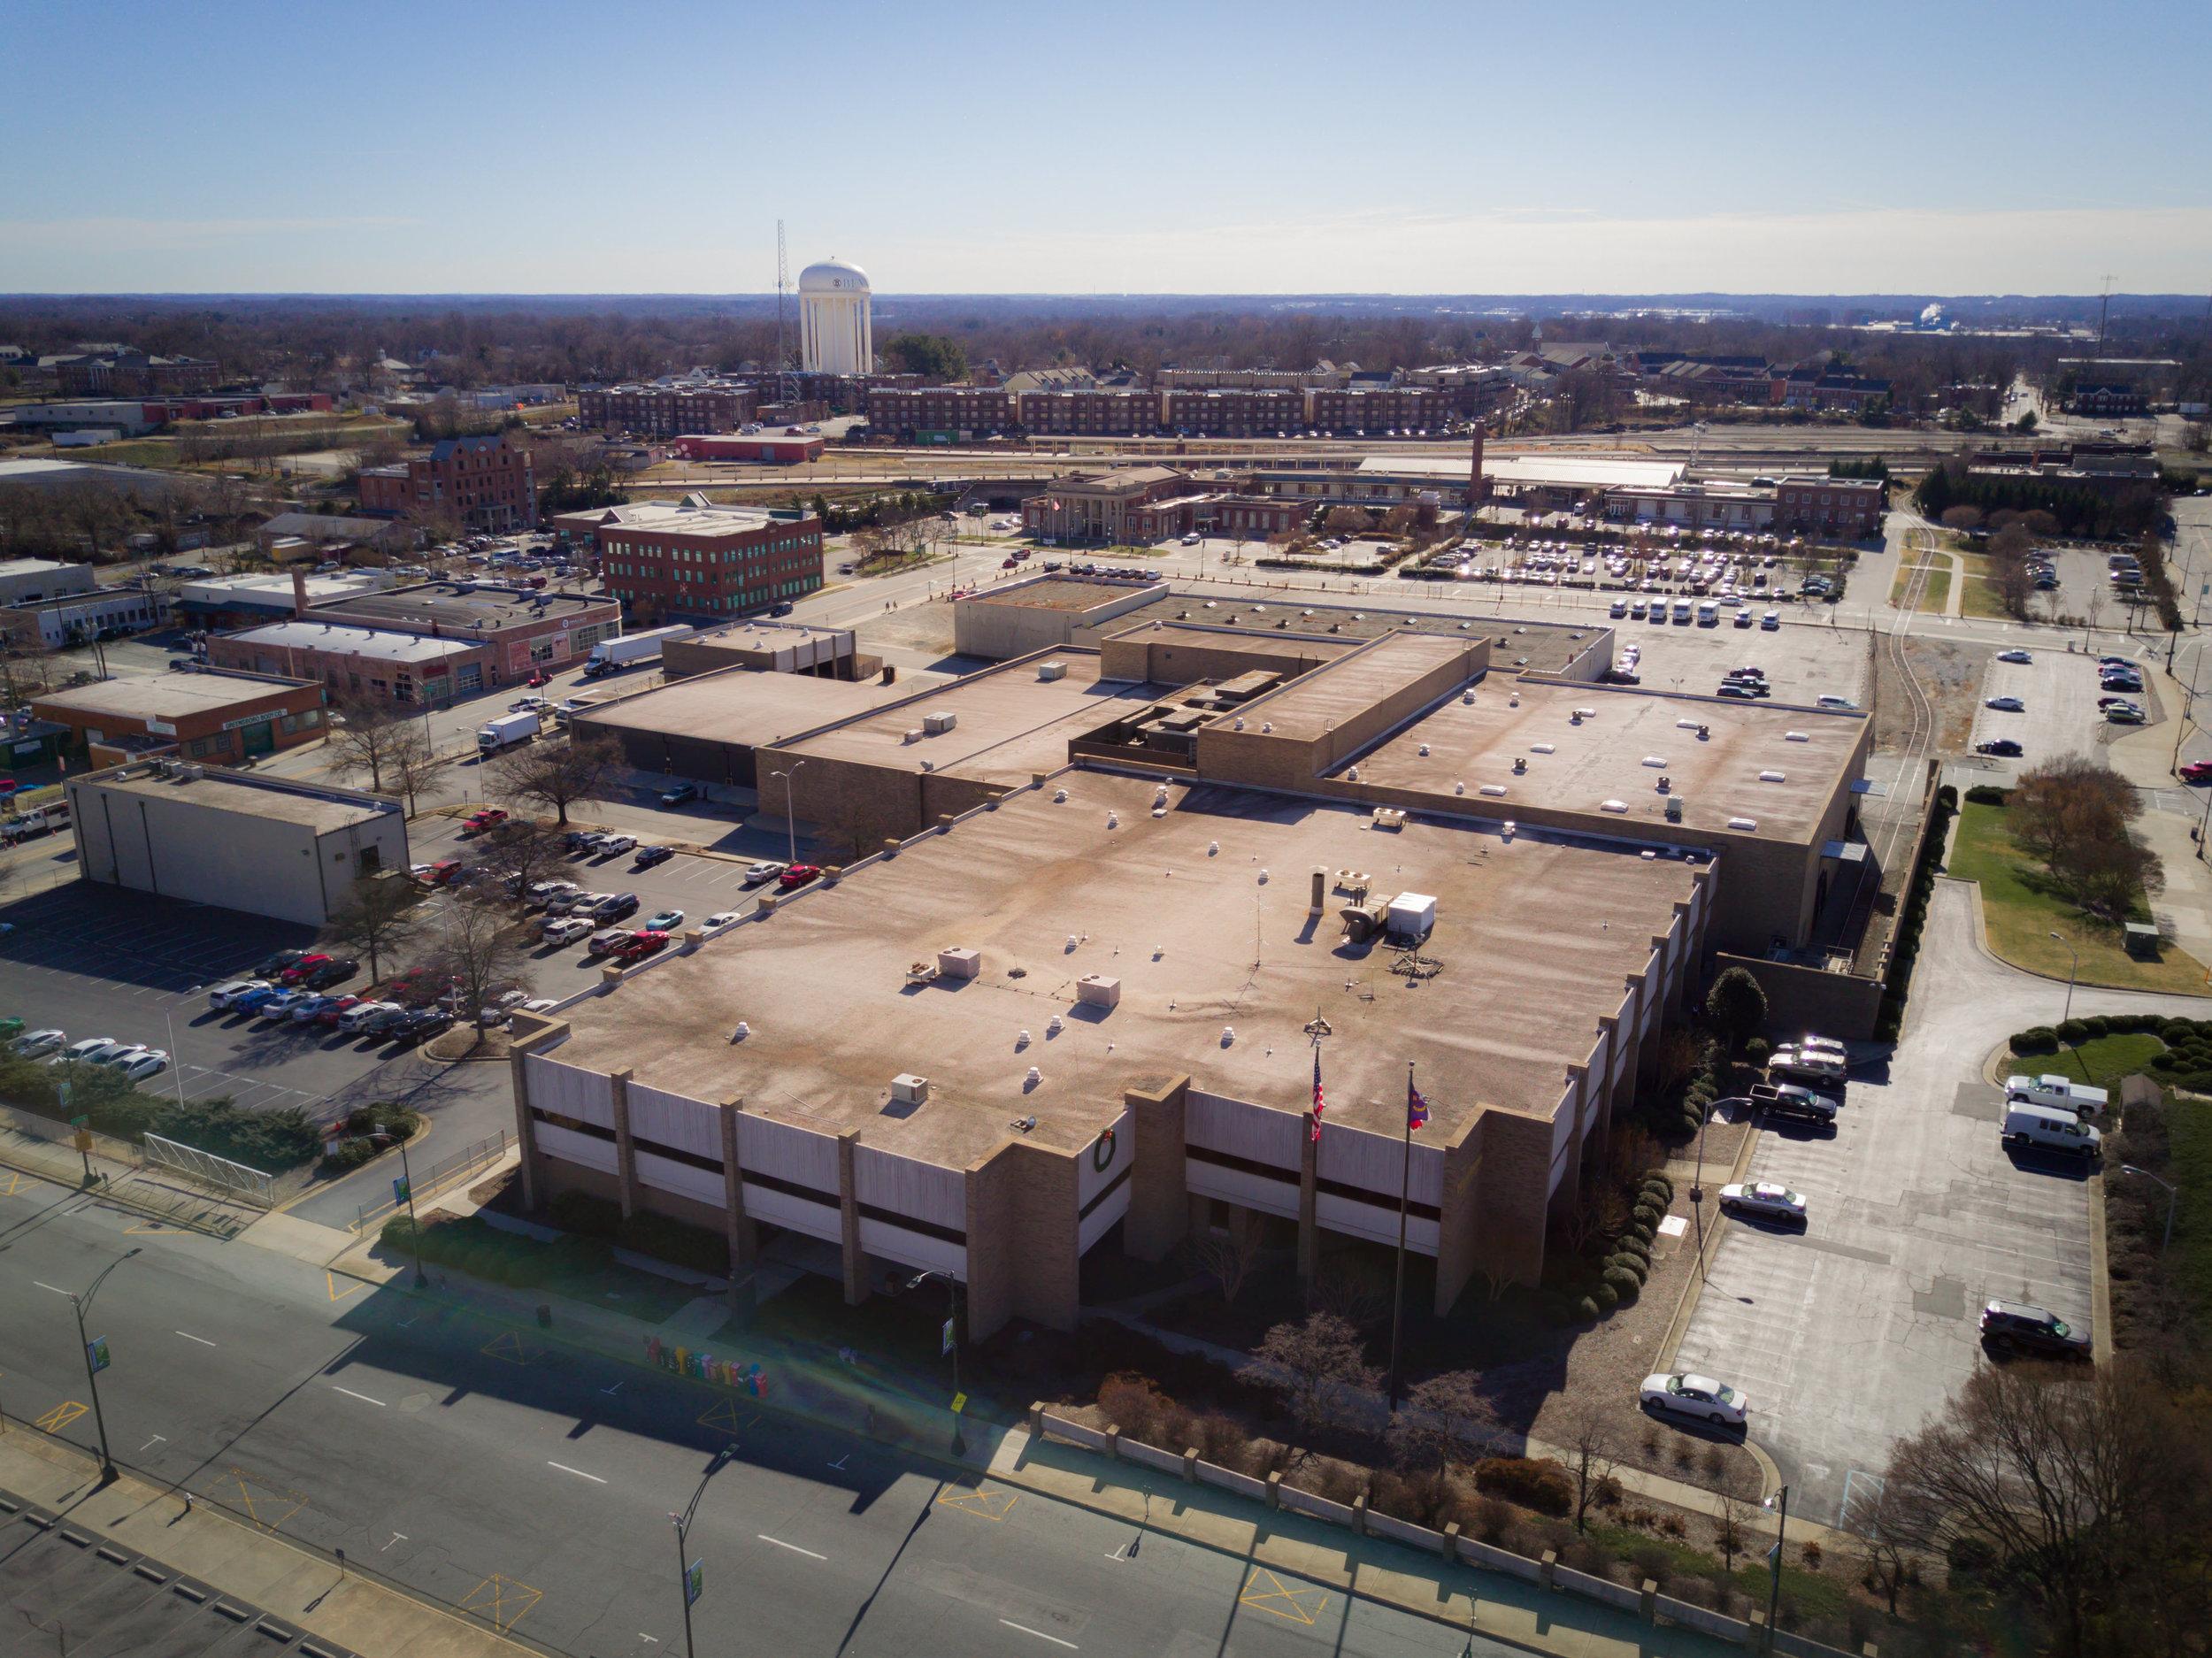 Greensboro News & Record